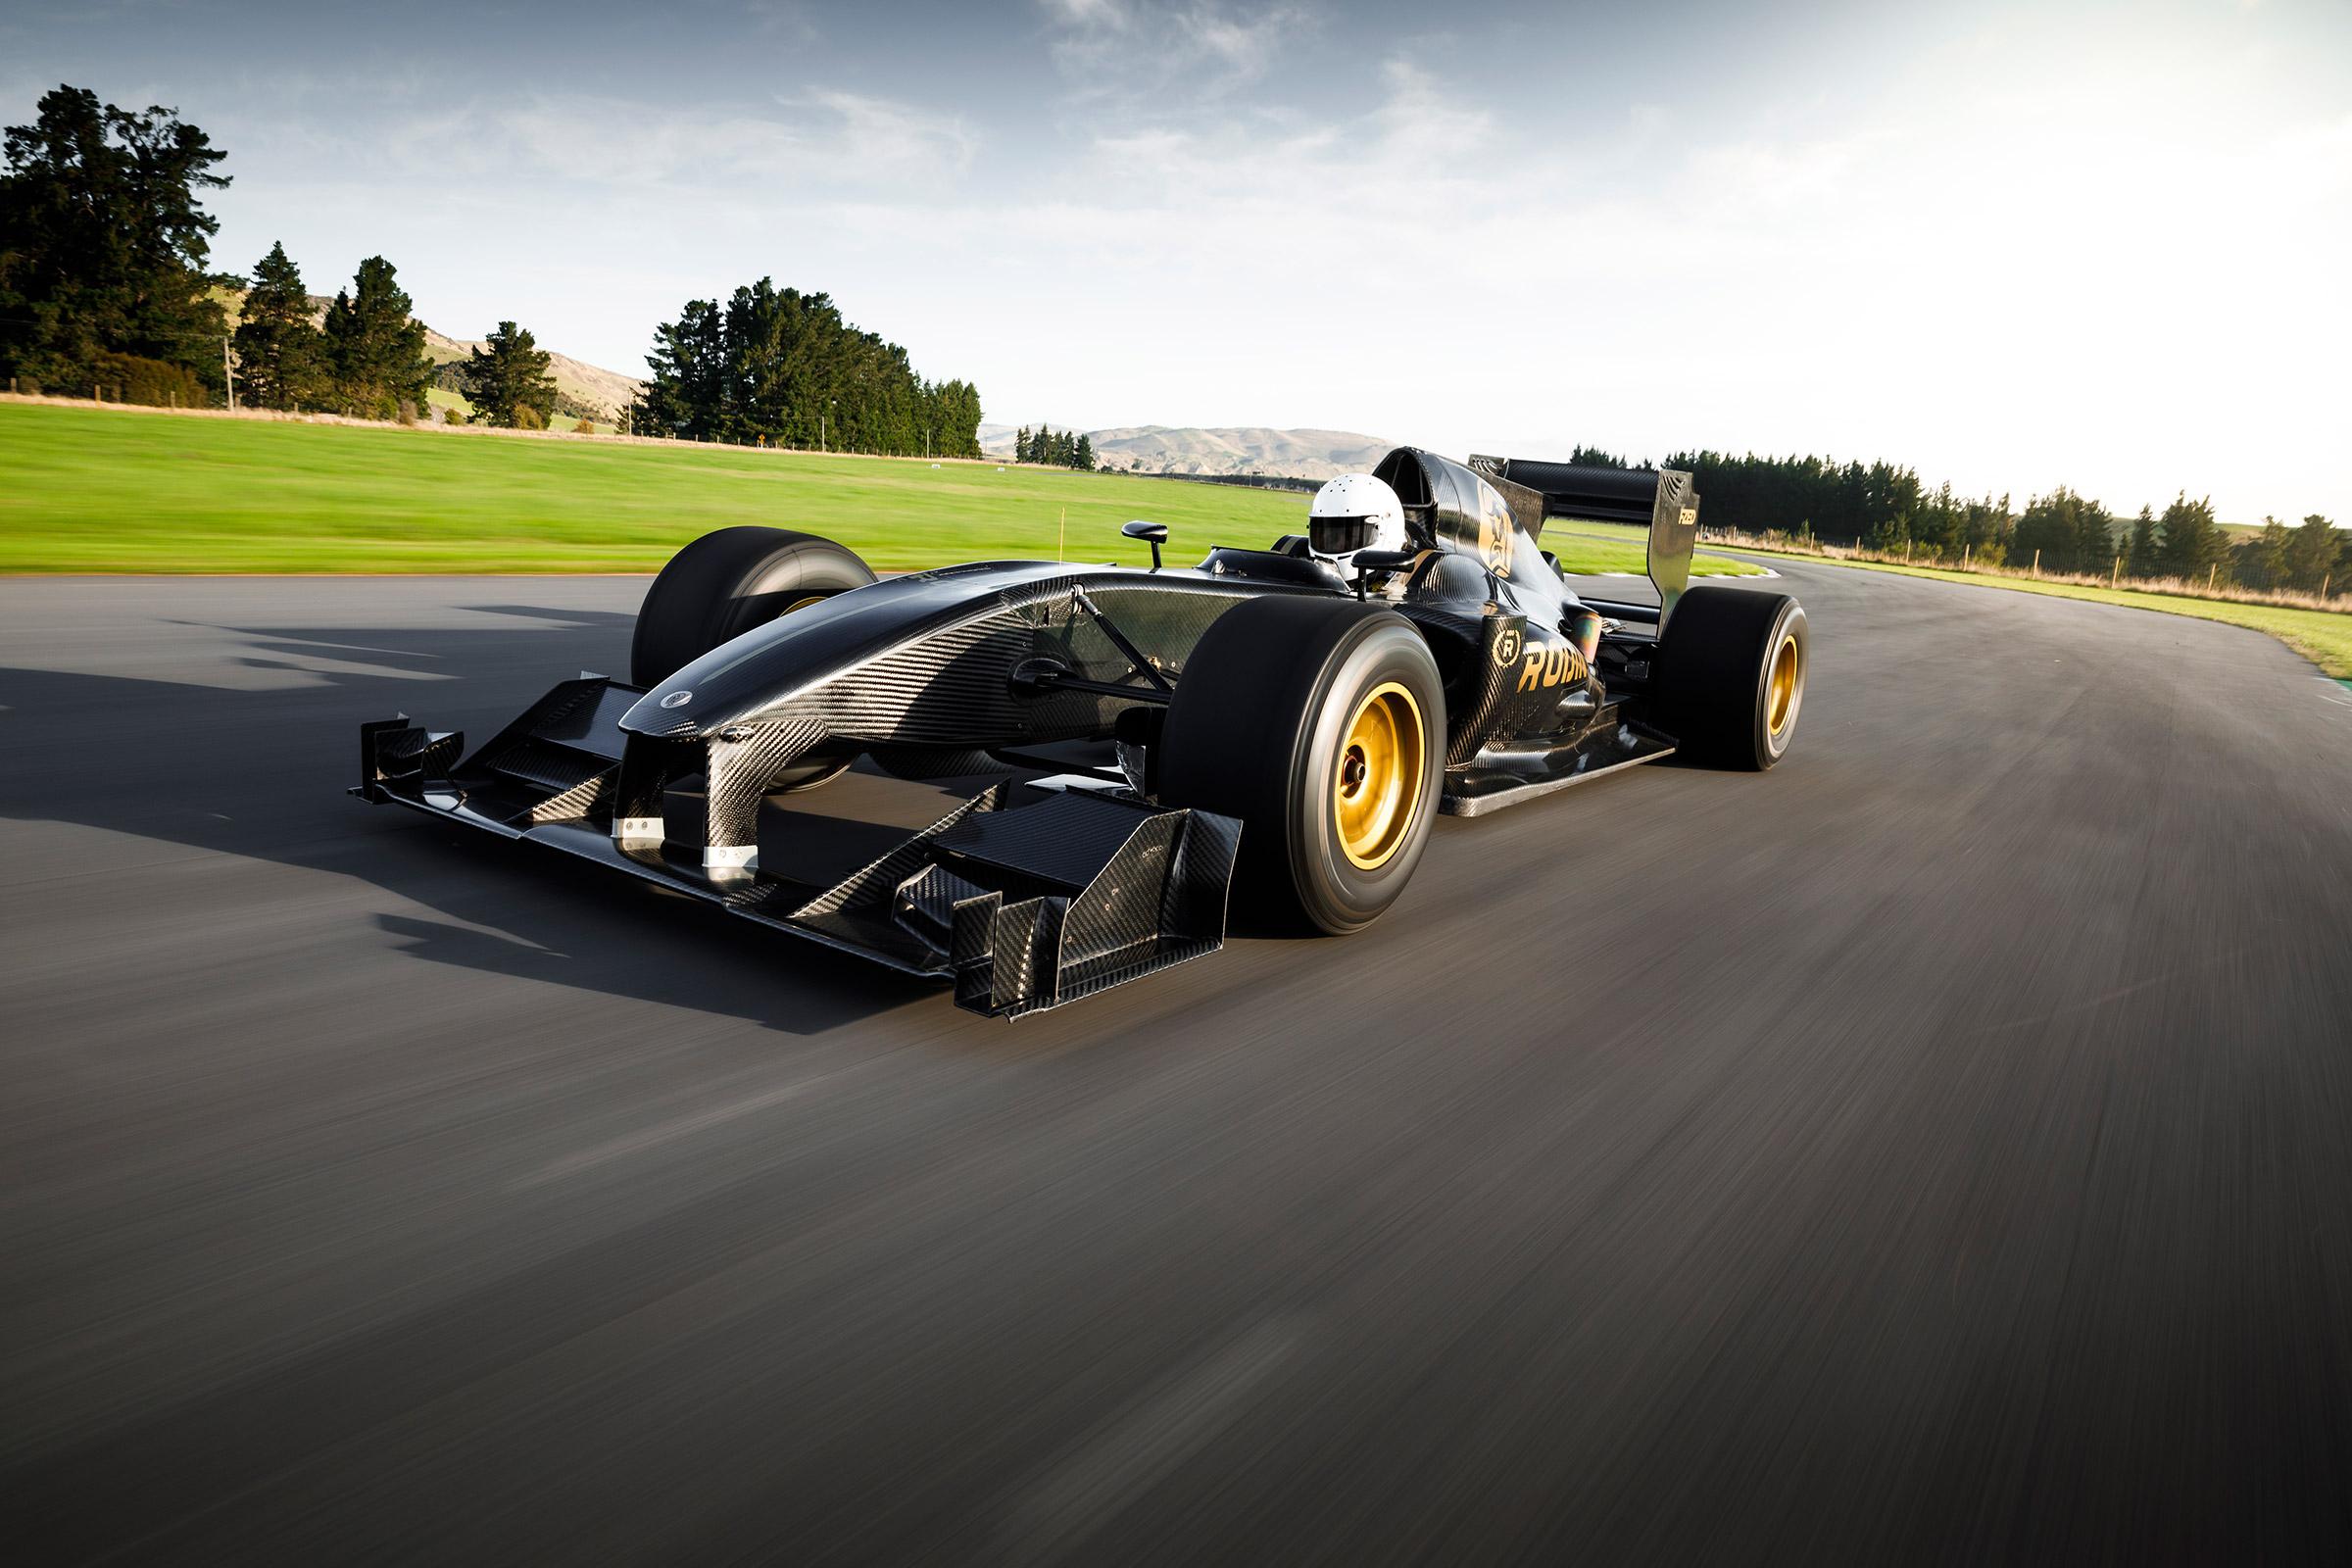 Недавно автопроизводитель из Новой Зеландии Rodin Cars пообещал явить миру «убийцу» Aston Martin Valkyrie, хотя последний еще даже официально не представлен. А на днях компания показала, что умеет не только трепать языком, но и заниматься делом. Встречайте: уникальный болид FZED на базе британского Lotus T125 2011.